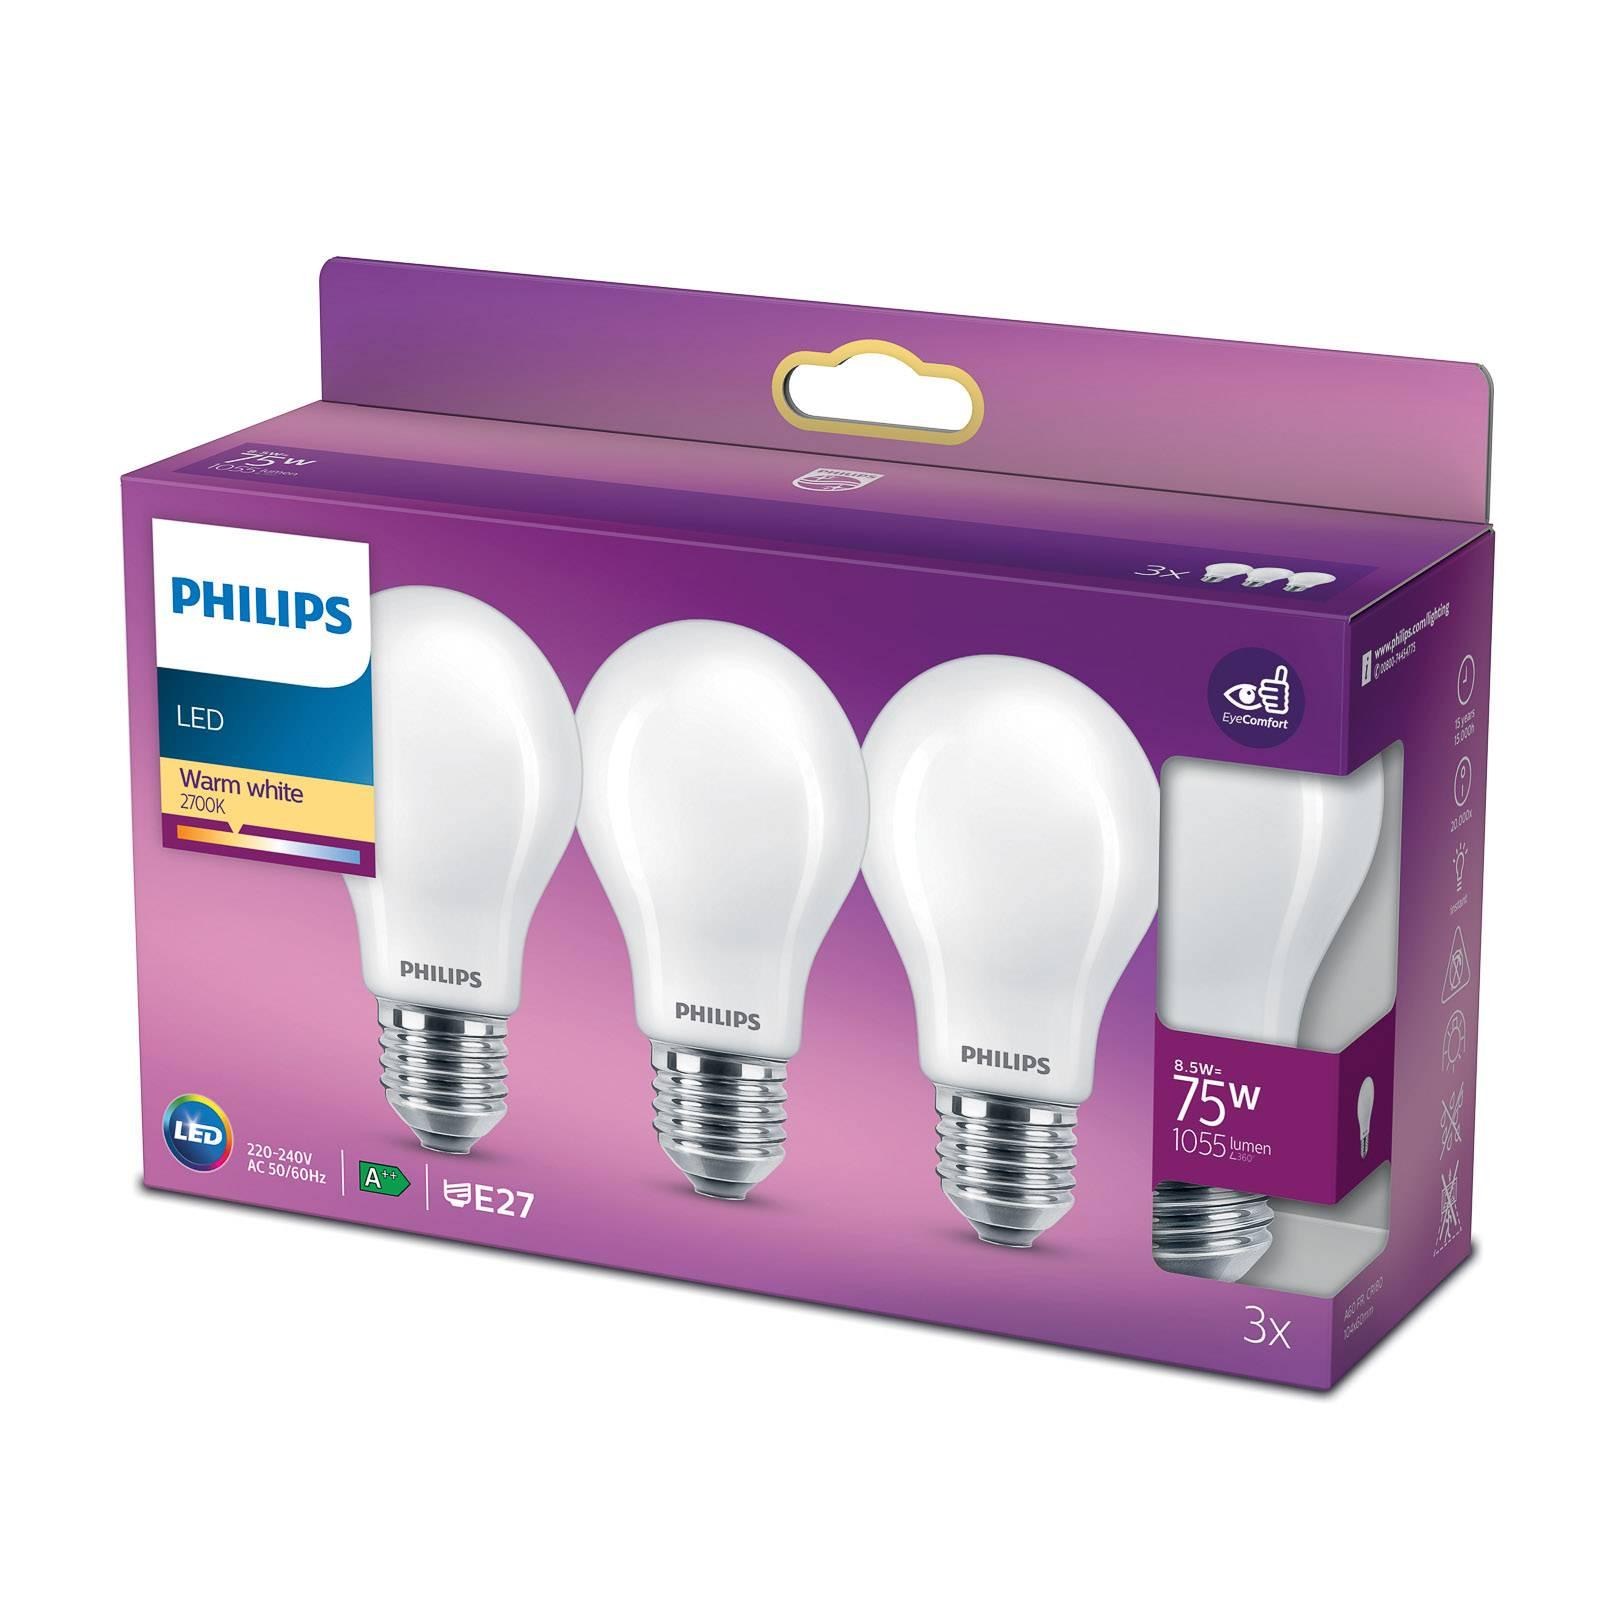 Philips LED Classic E27 A60 8,5W 2.700K 3x